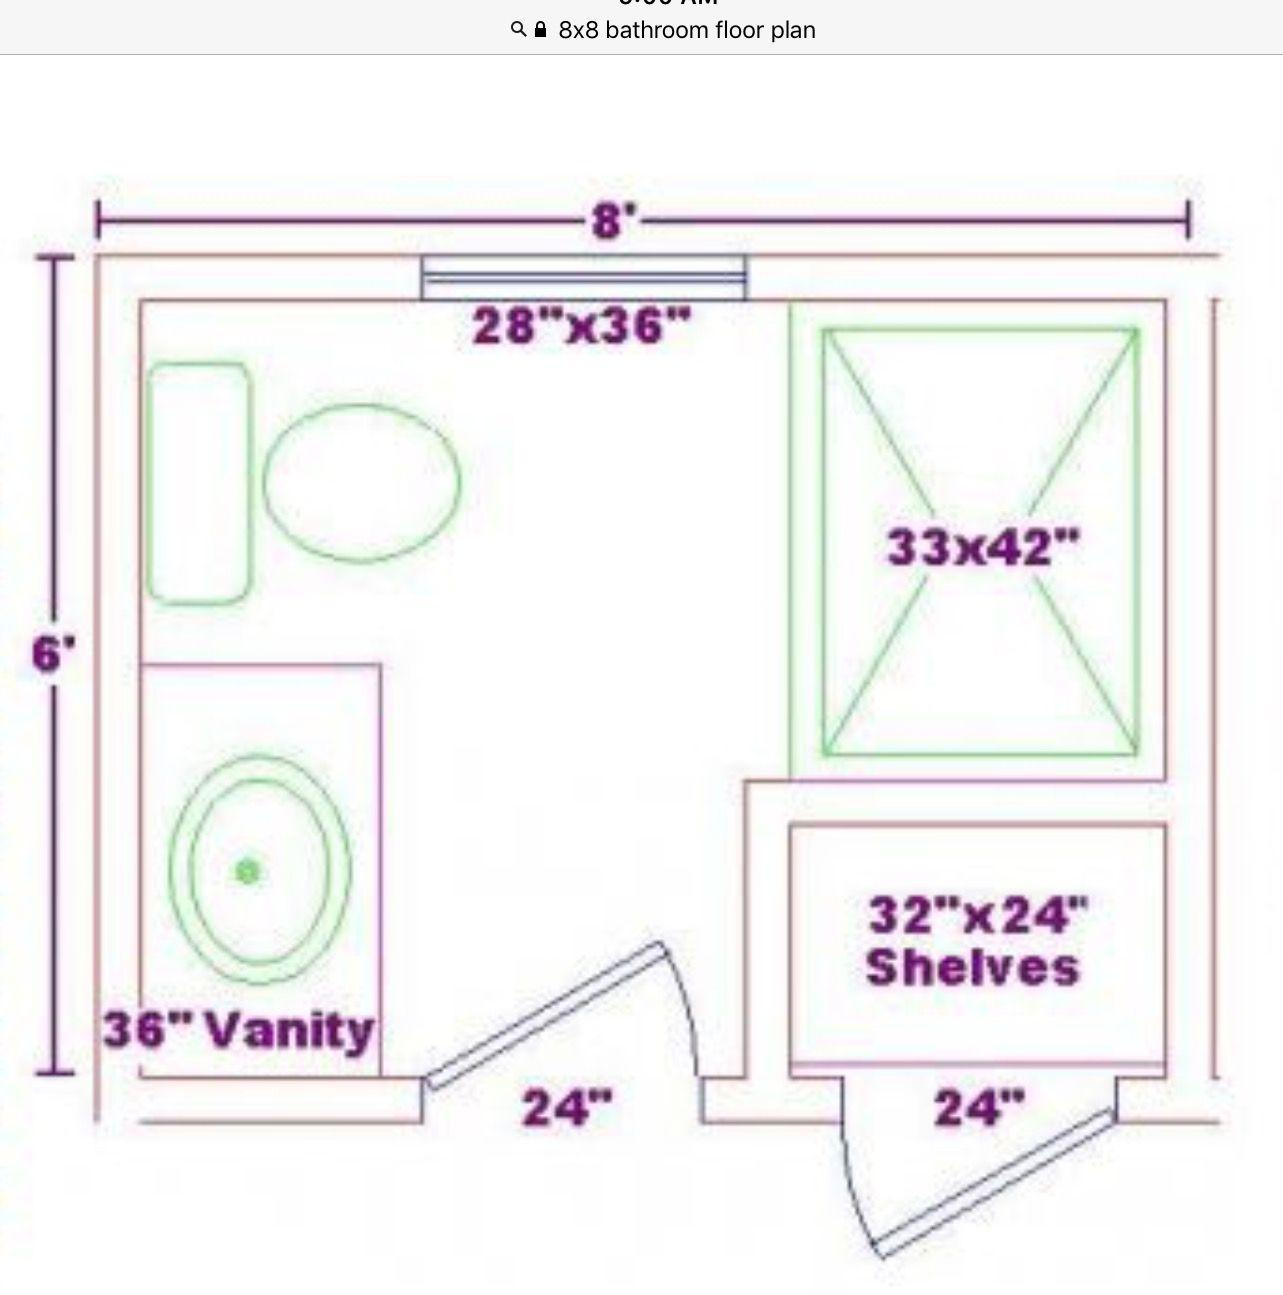 bathrooms imageminette staab  small bathroom floor